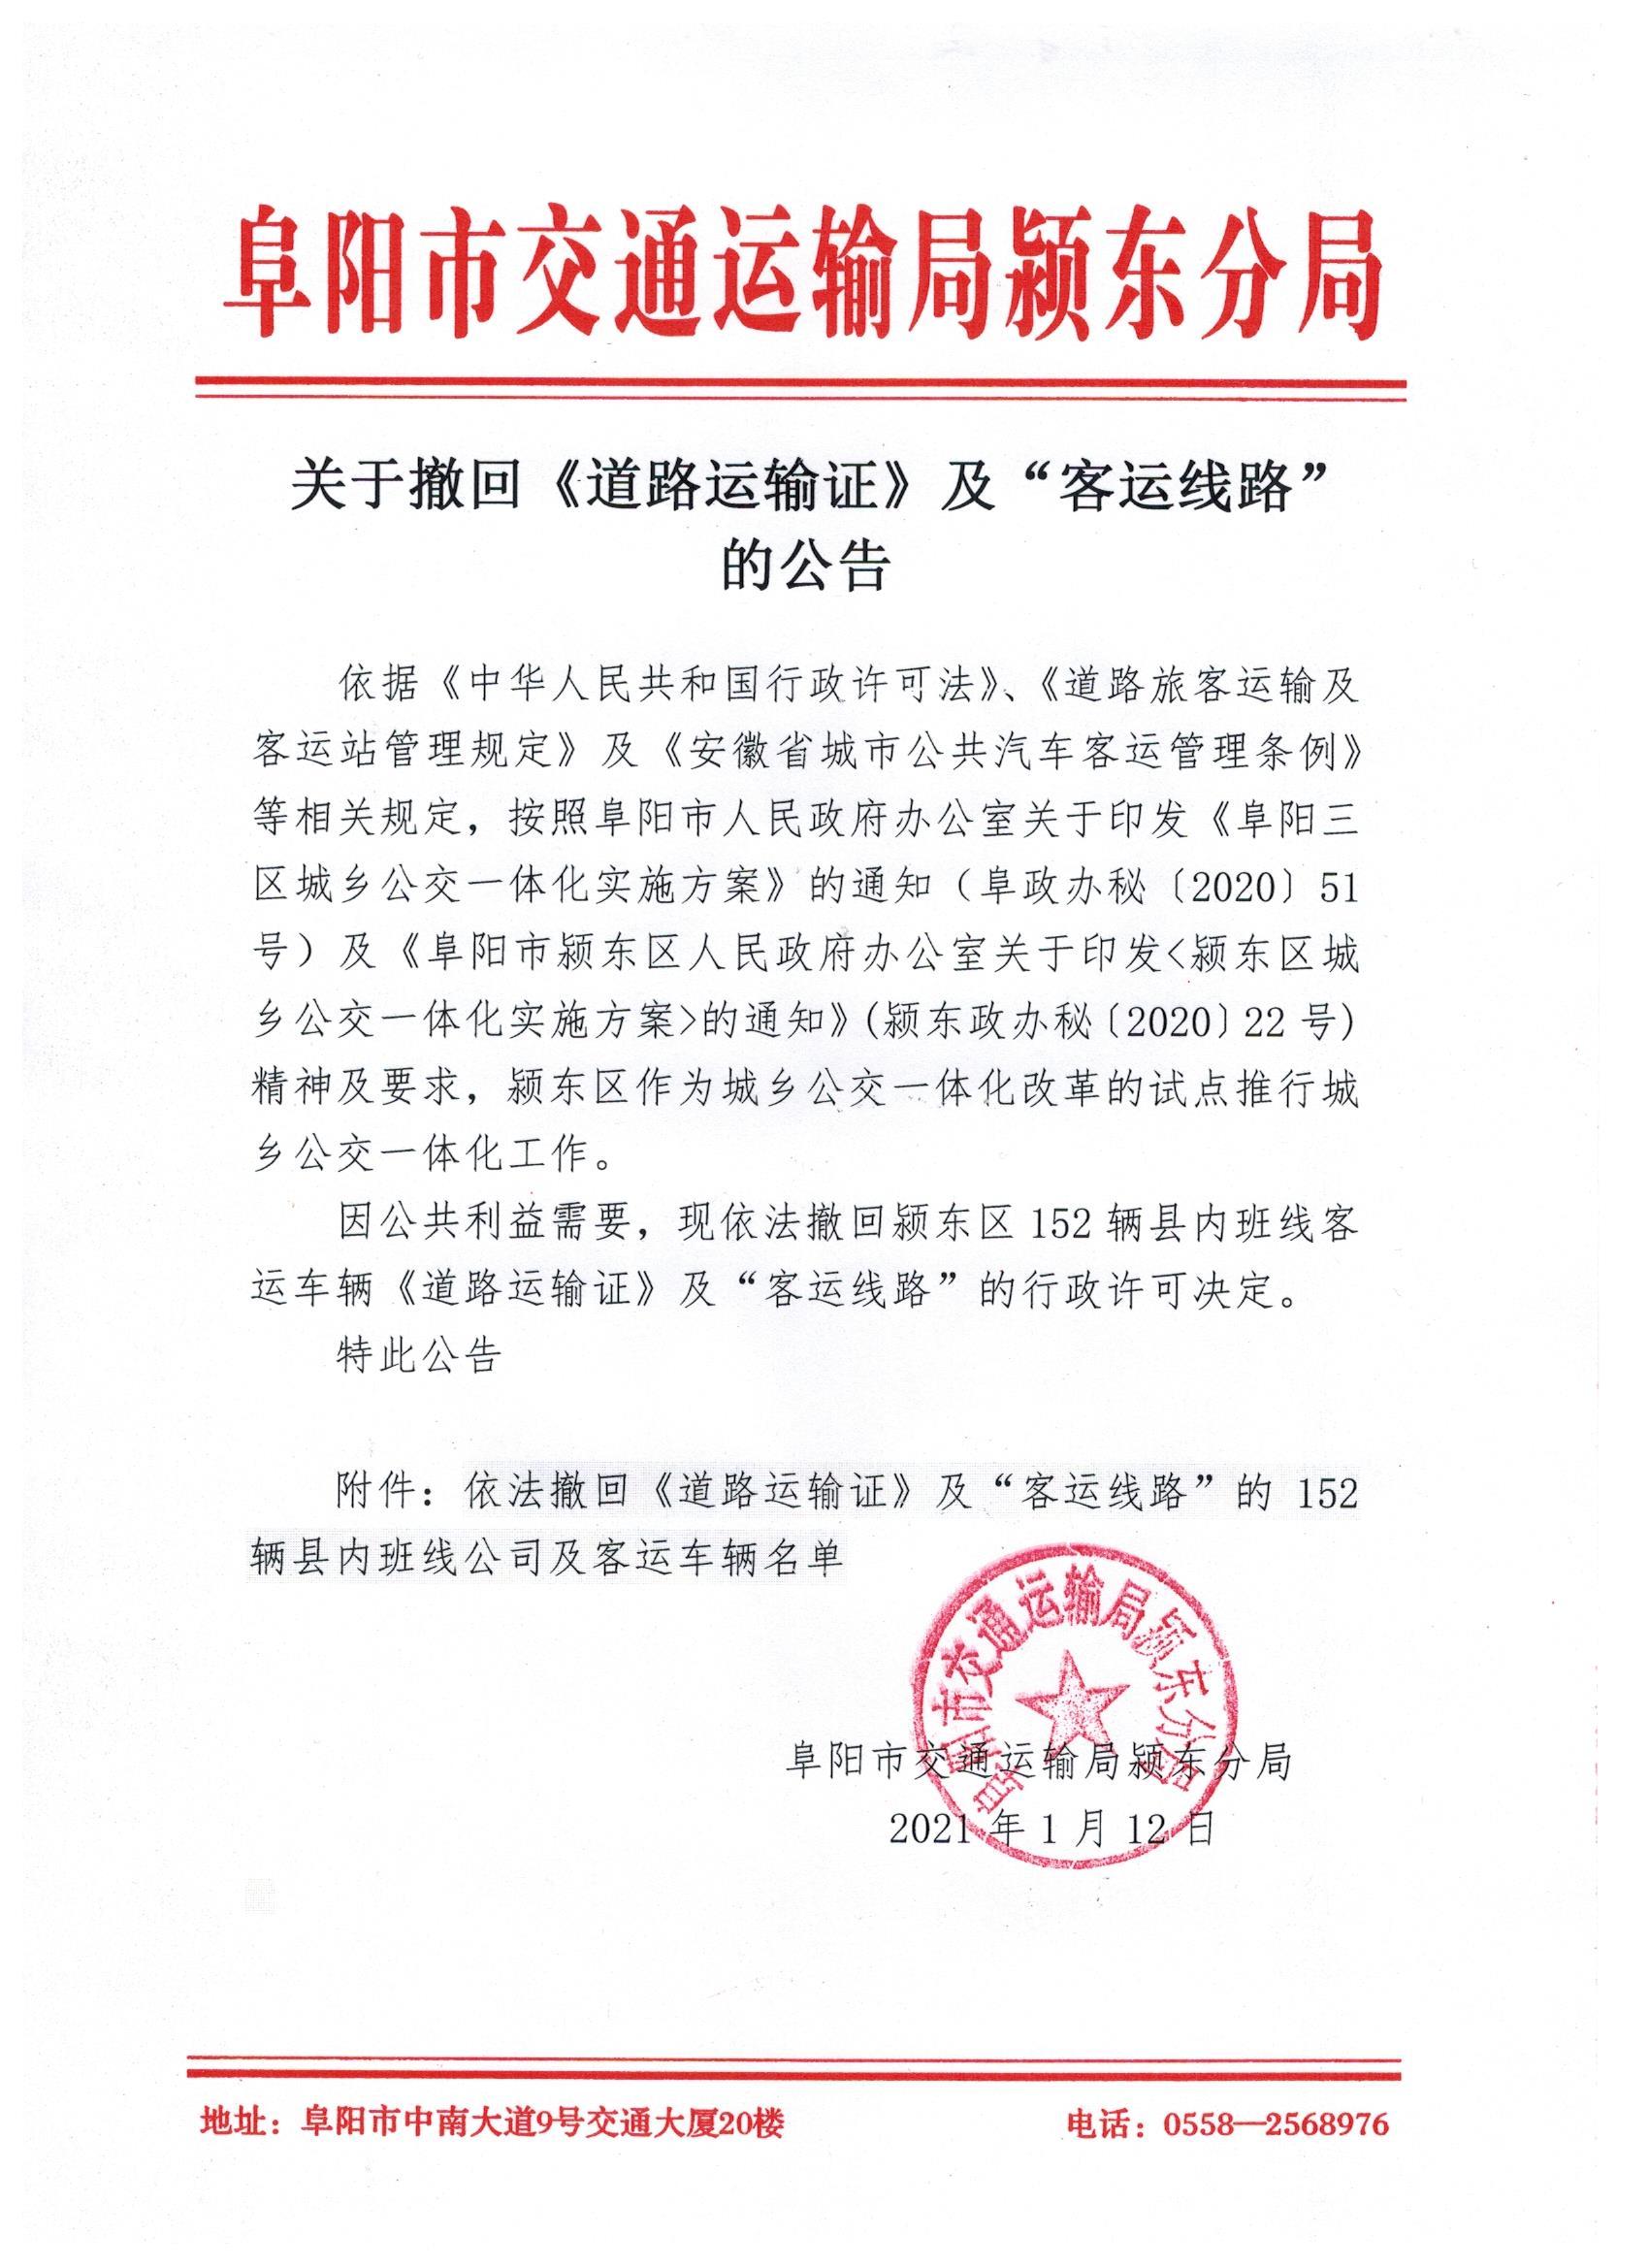 颍东交通运输分局撤回152辆县内客运车辆公告.jpg